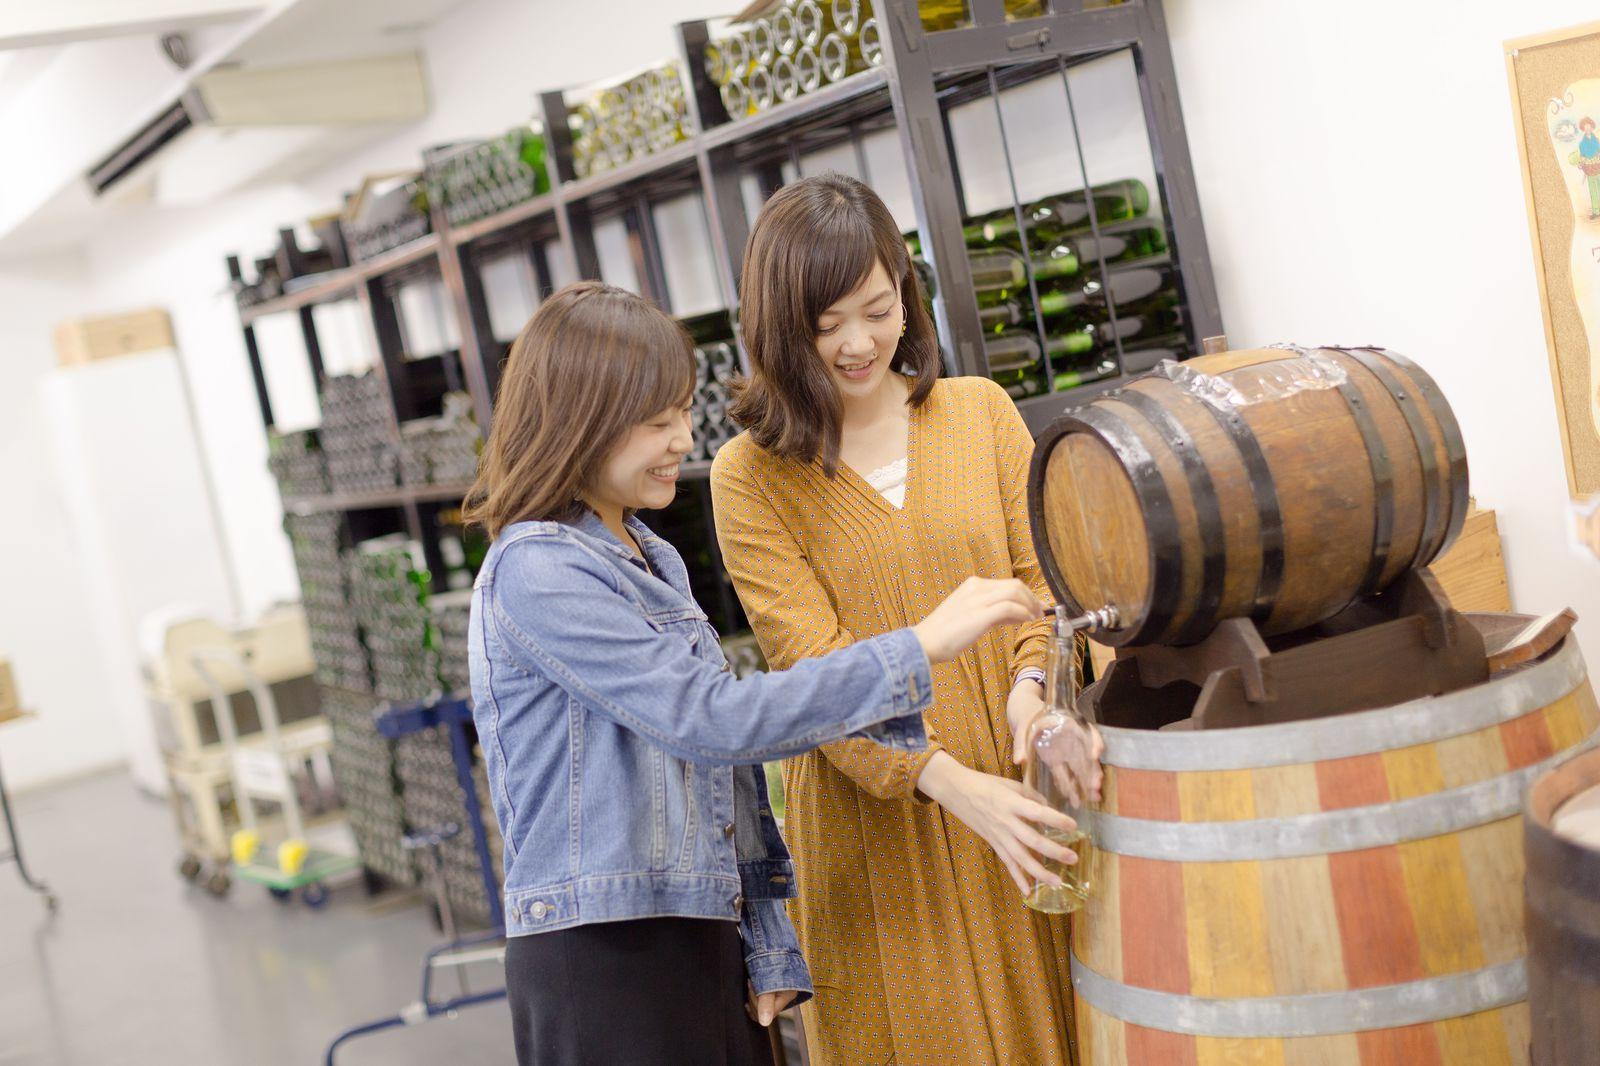 こちらでできる体験プログラムの一つが、生ワインのボトル詰め&オリジナルラベル作り。樽からボトルに入れたワインにコルク栓を打ったら、専用の機械でキャップシールをしてもらい、手書きのラベルを貼りつけます。